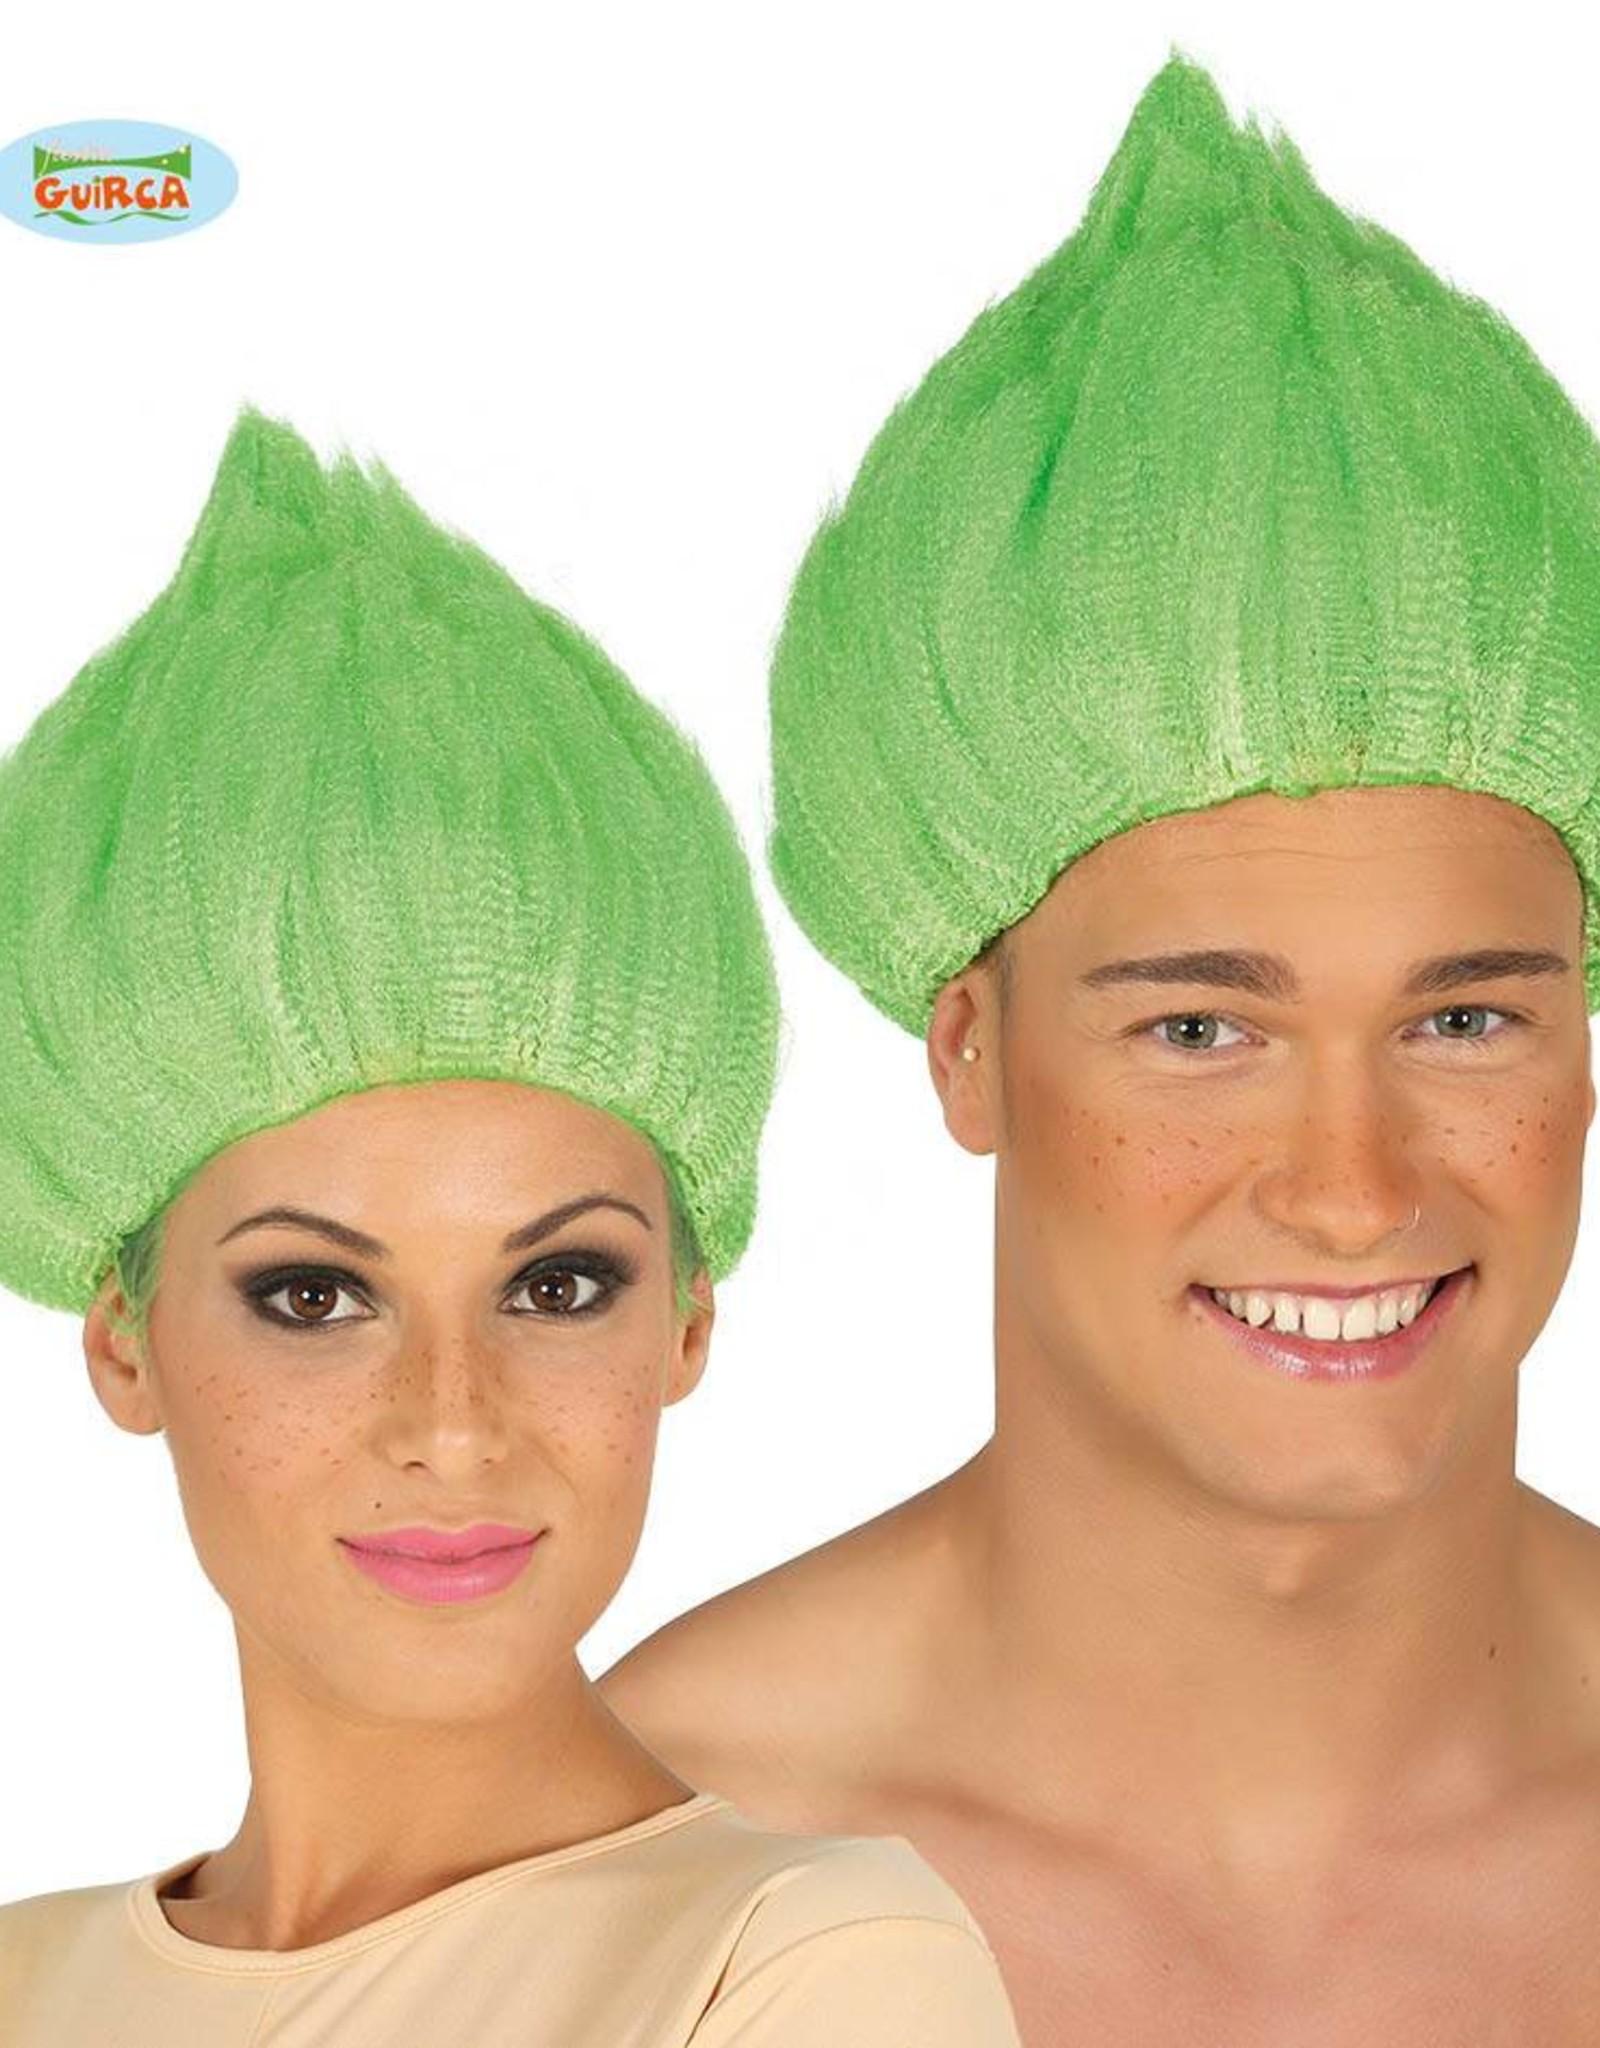 FIESTAS GUIRCA pruik dwerg of elf groen